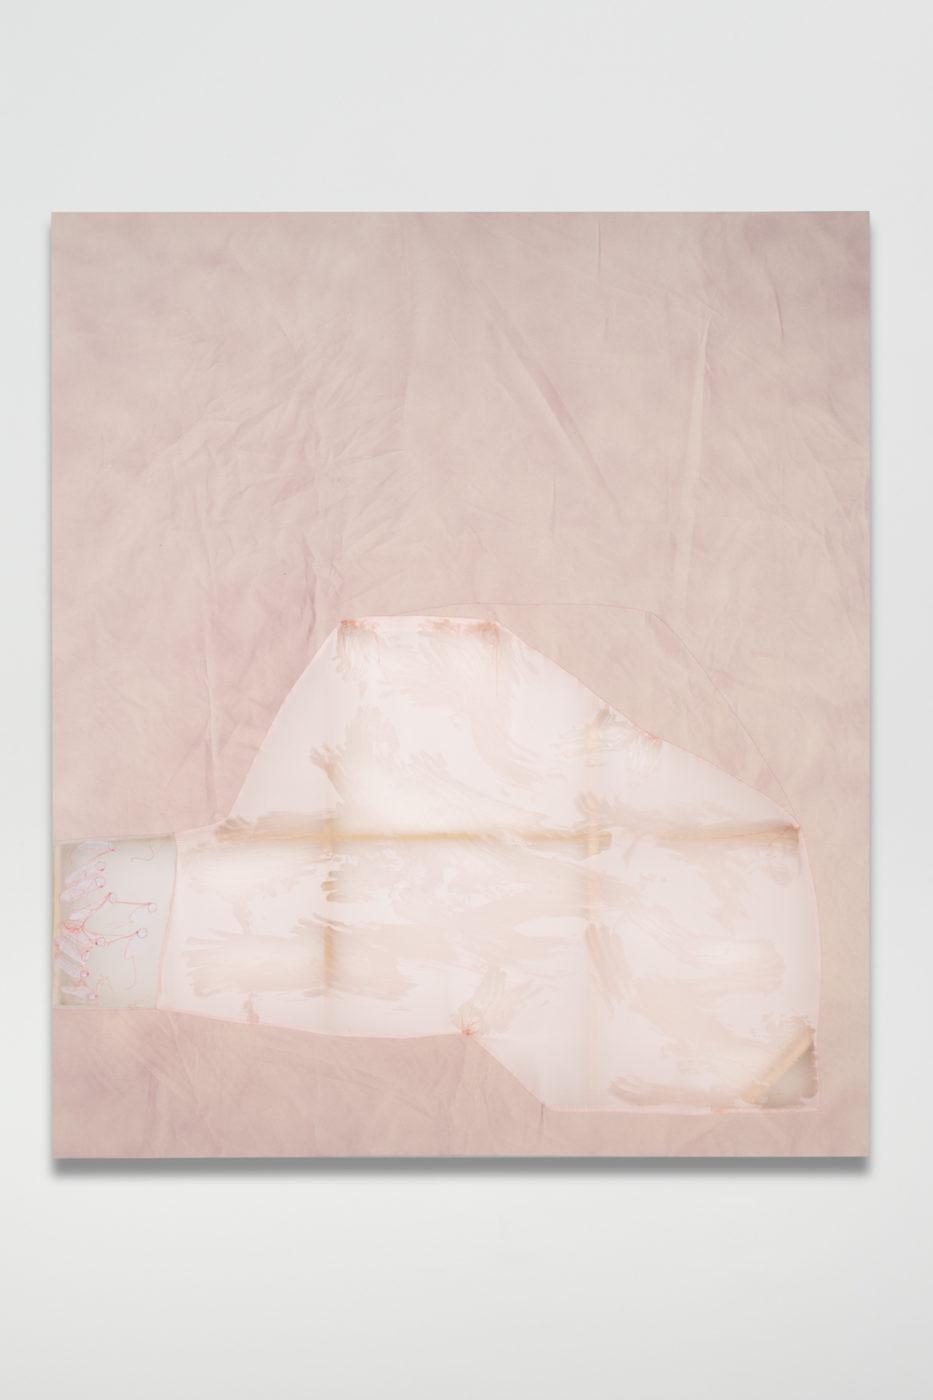 T293 - Erica Mahinay - 1